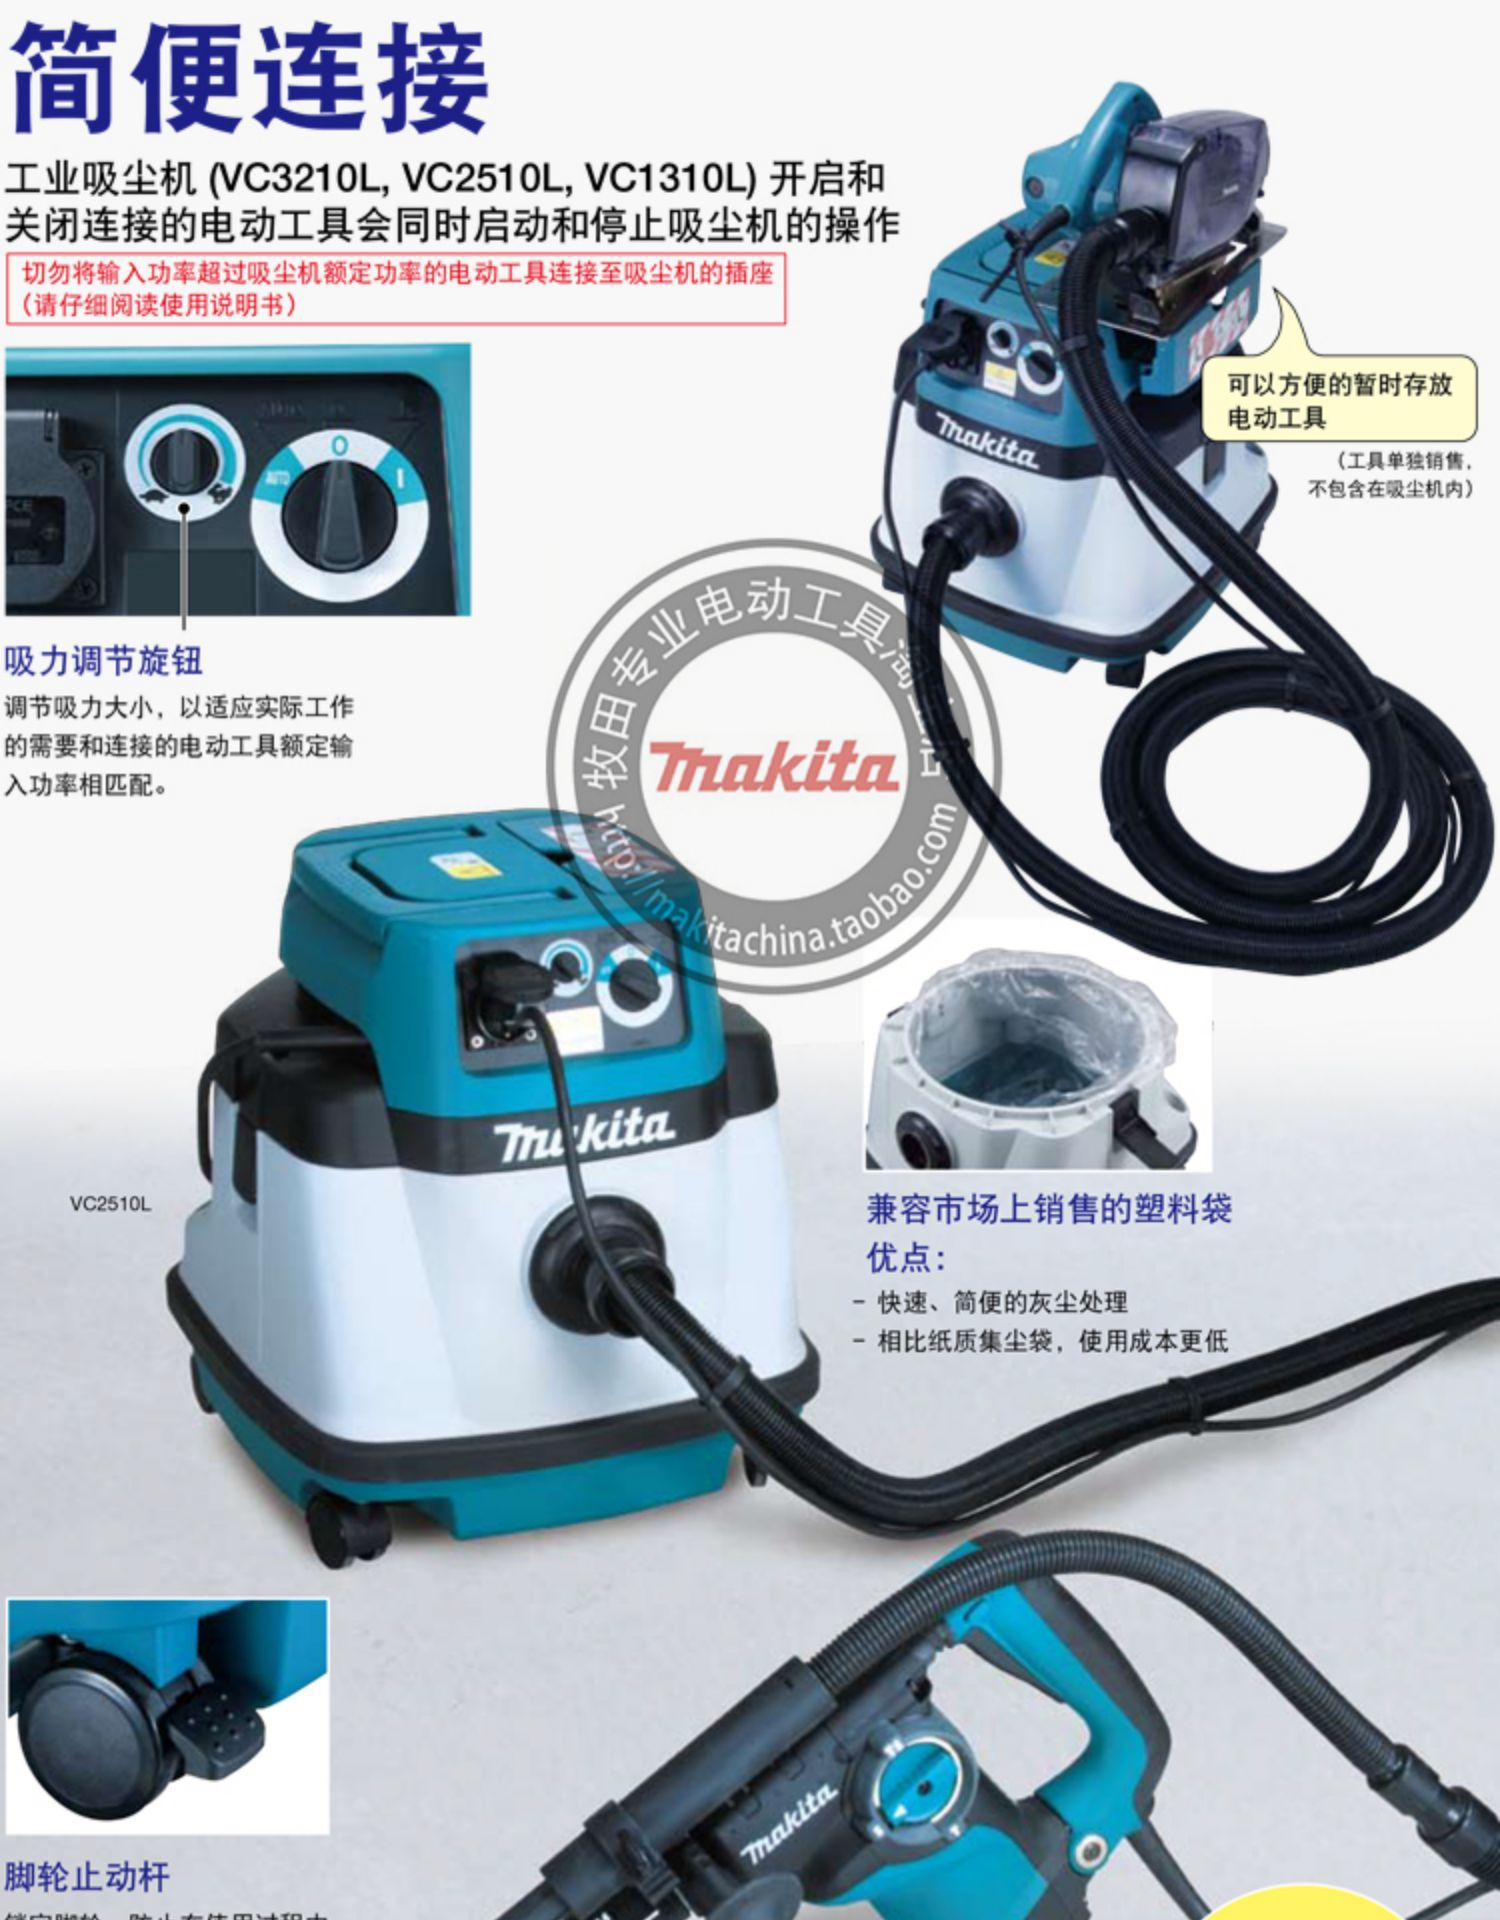 原裝正品牧田makita工業吸塵器乾溼兩用木工吸塵器酒店會場VC2510